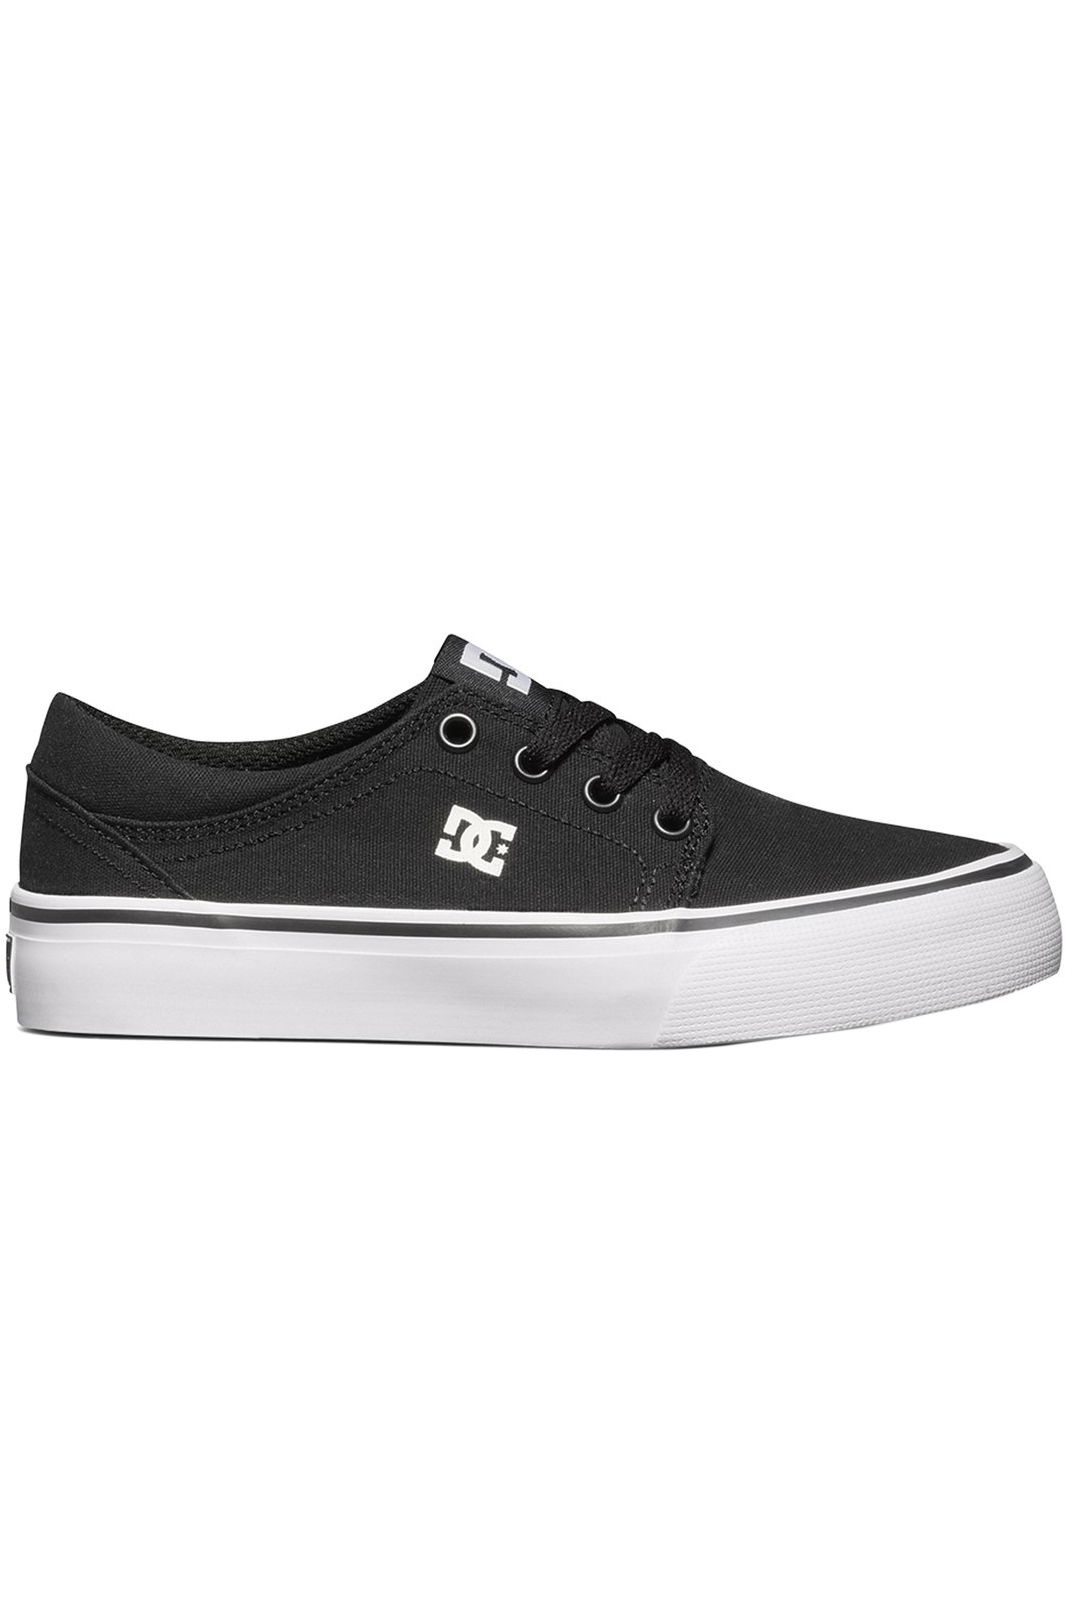 Tenis DC Shoes TRASE TX Black/White